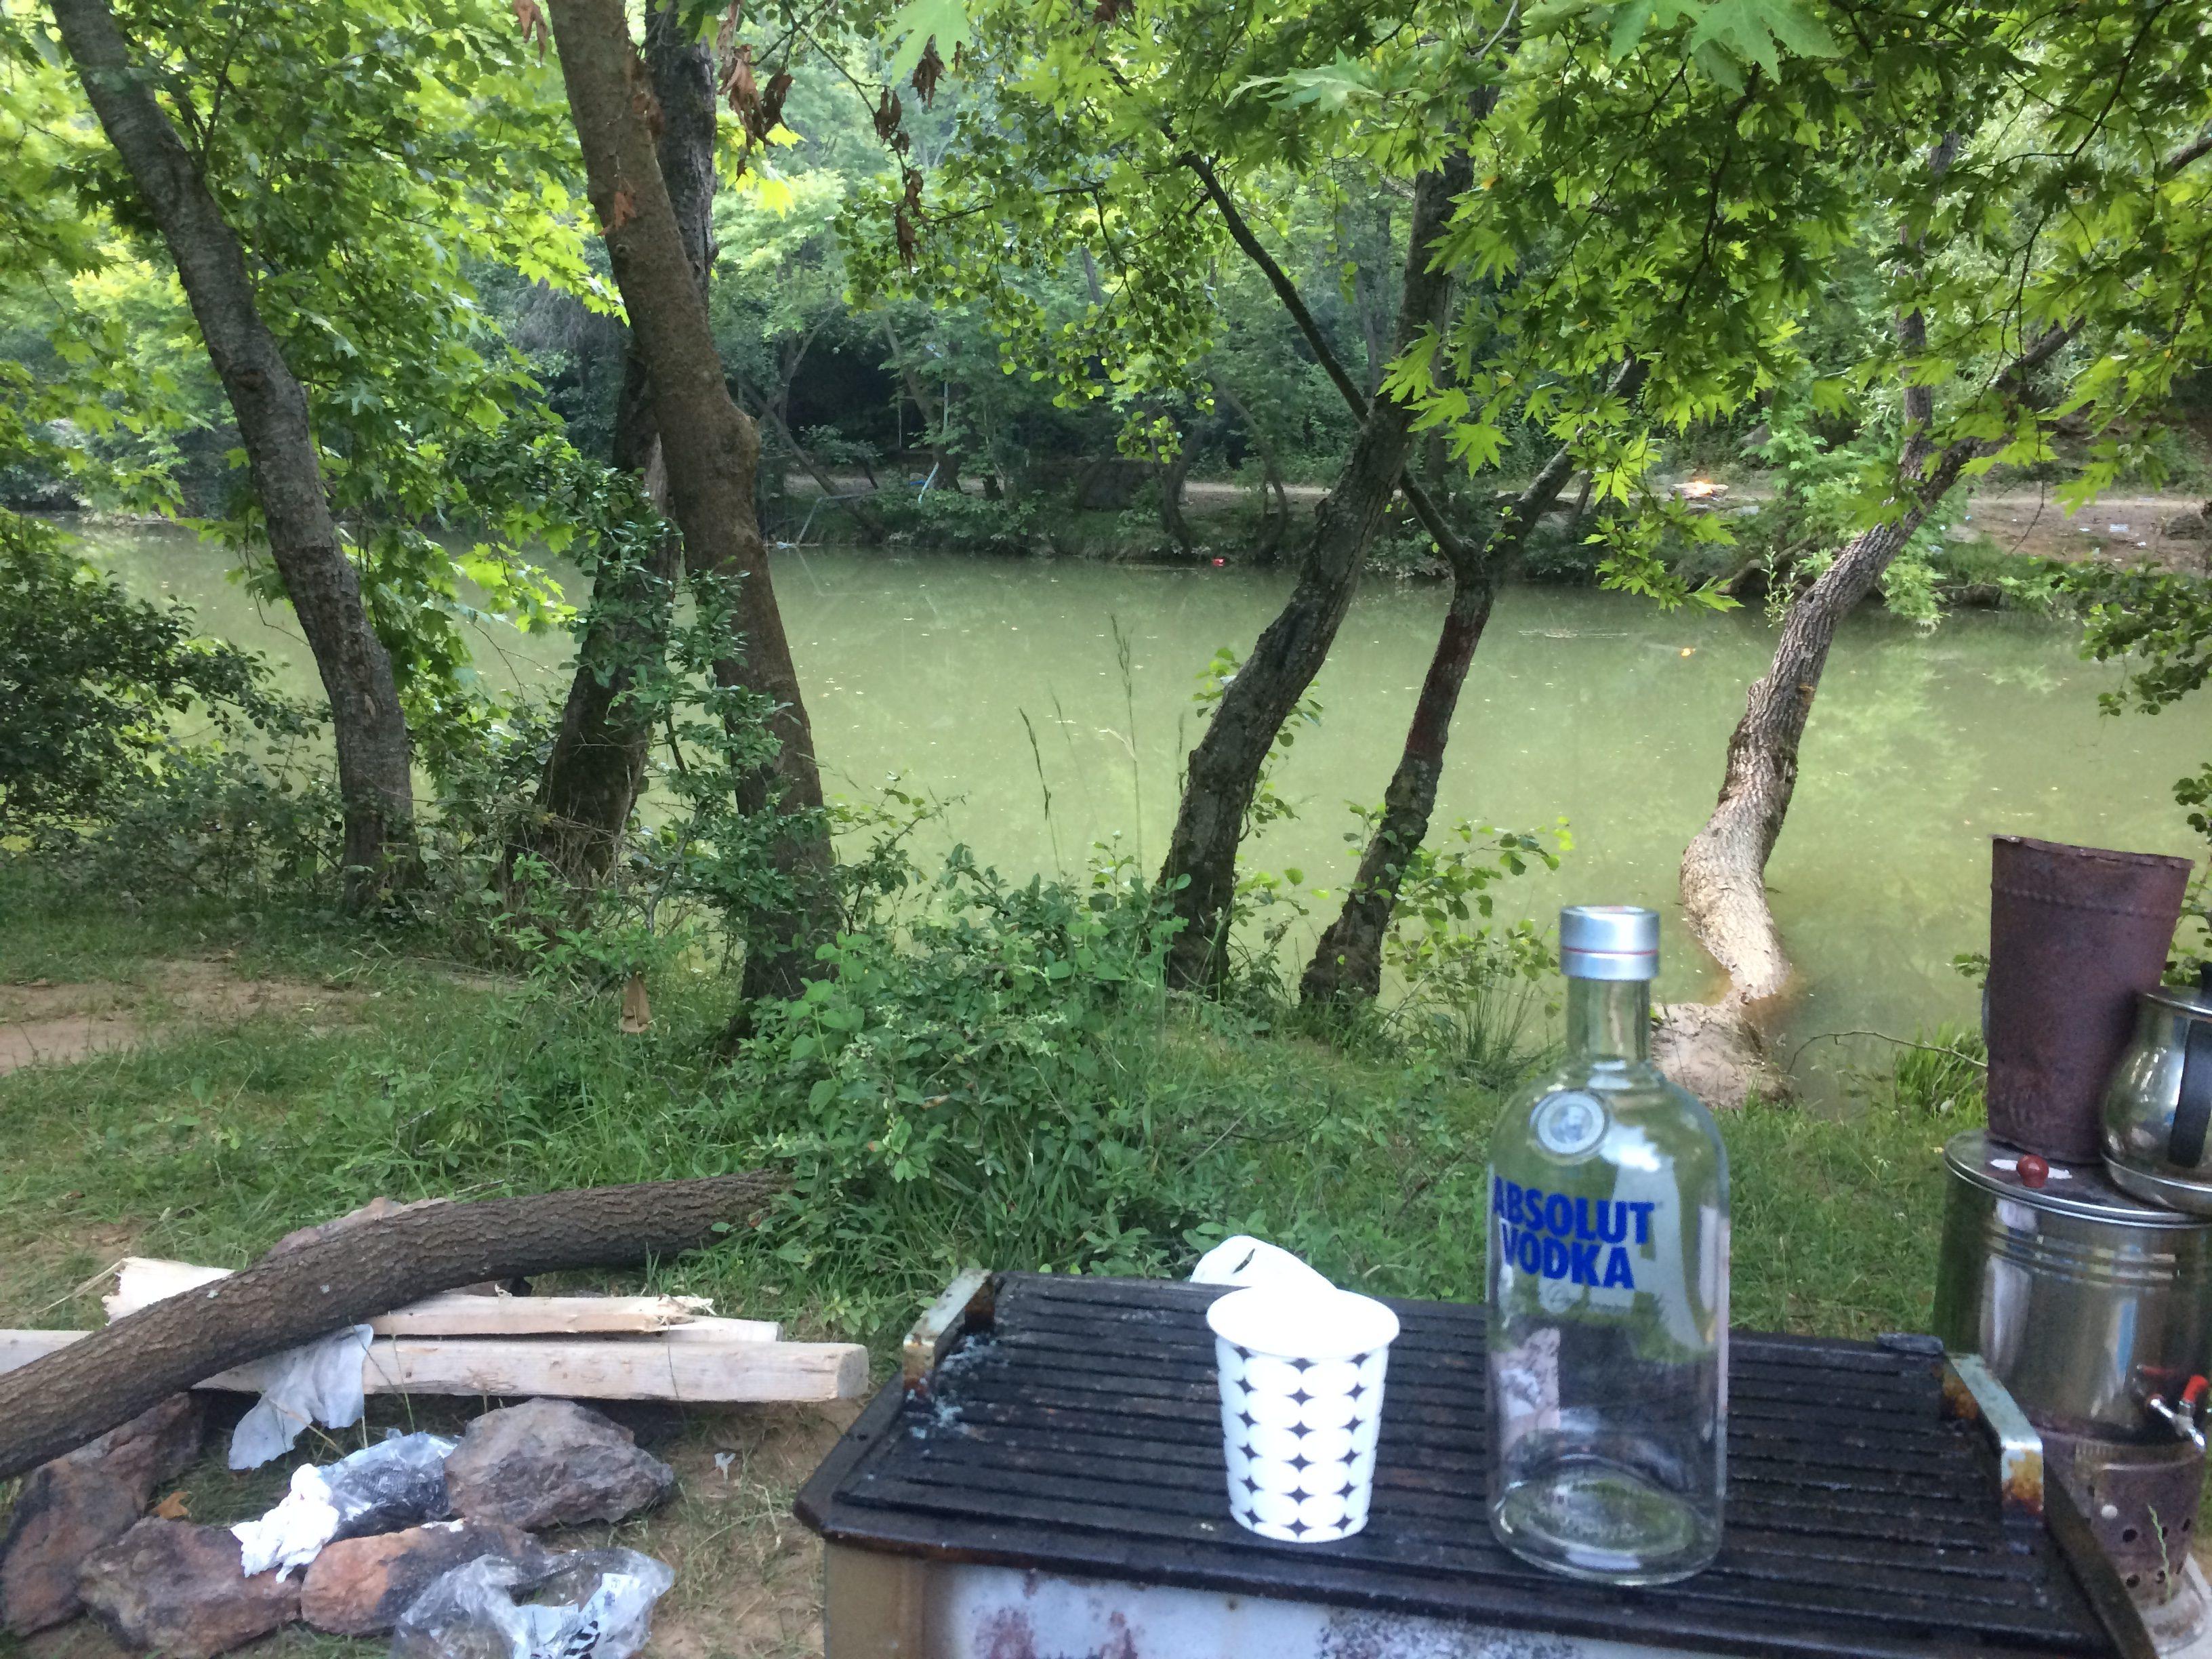 2017-06-25 20-07-46 Kamp Rotamız Hacıllı Köyü Şelaleleri